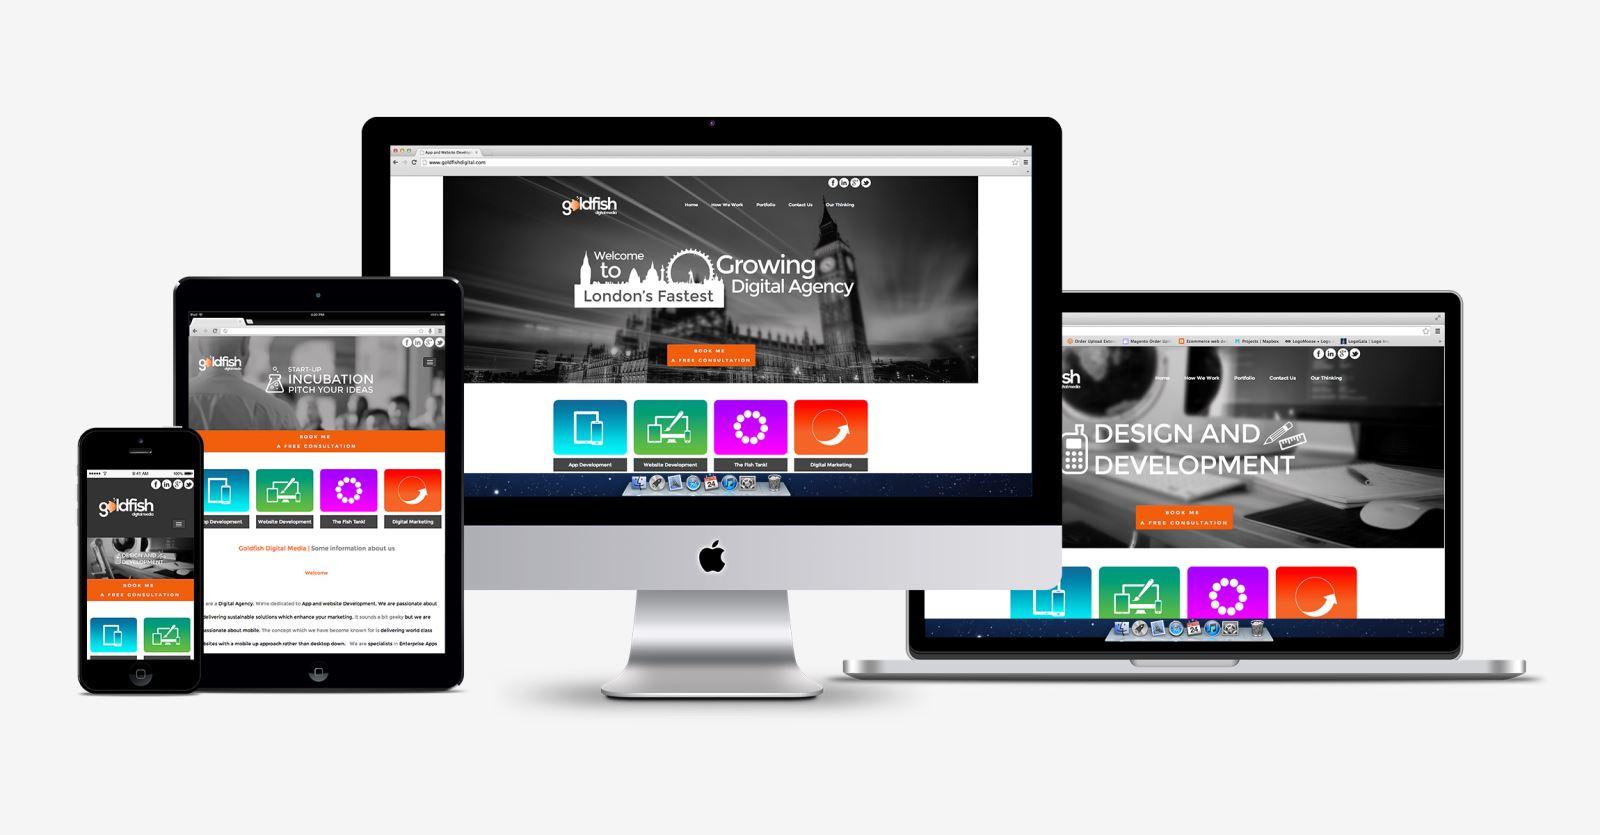 Bỏ túi 5 mẹo dọn dẹp để làm mới thiết kế website 1